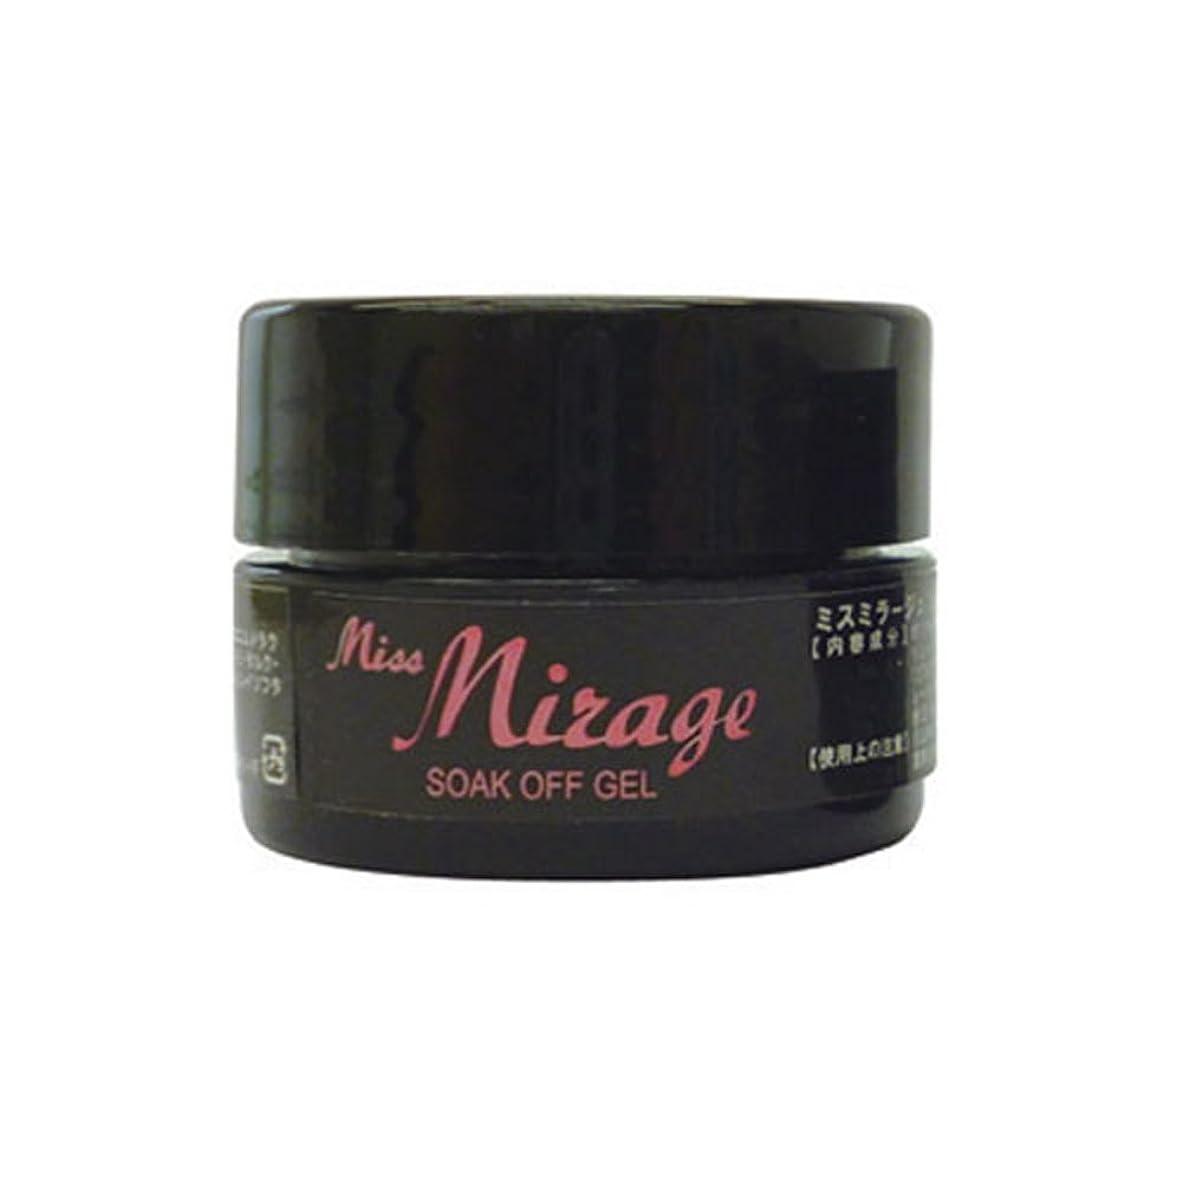 シンジケート農学風味Miss Mirage カラージェル NM9S ジンジャーピンク 2.5g ソークオフジェル UV/LED対応